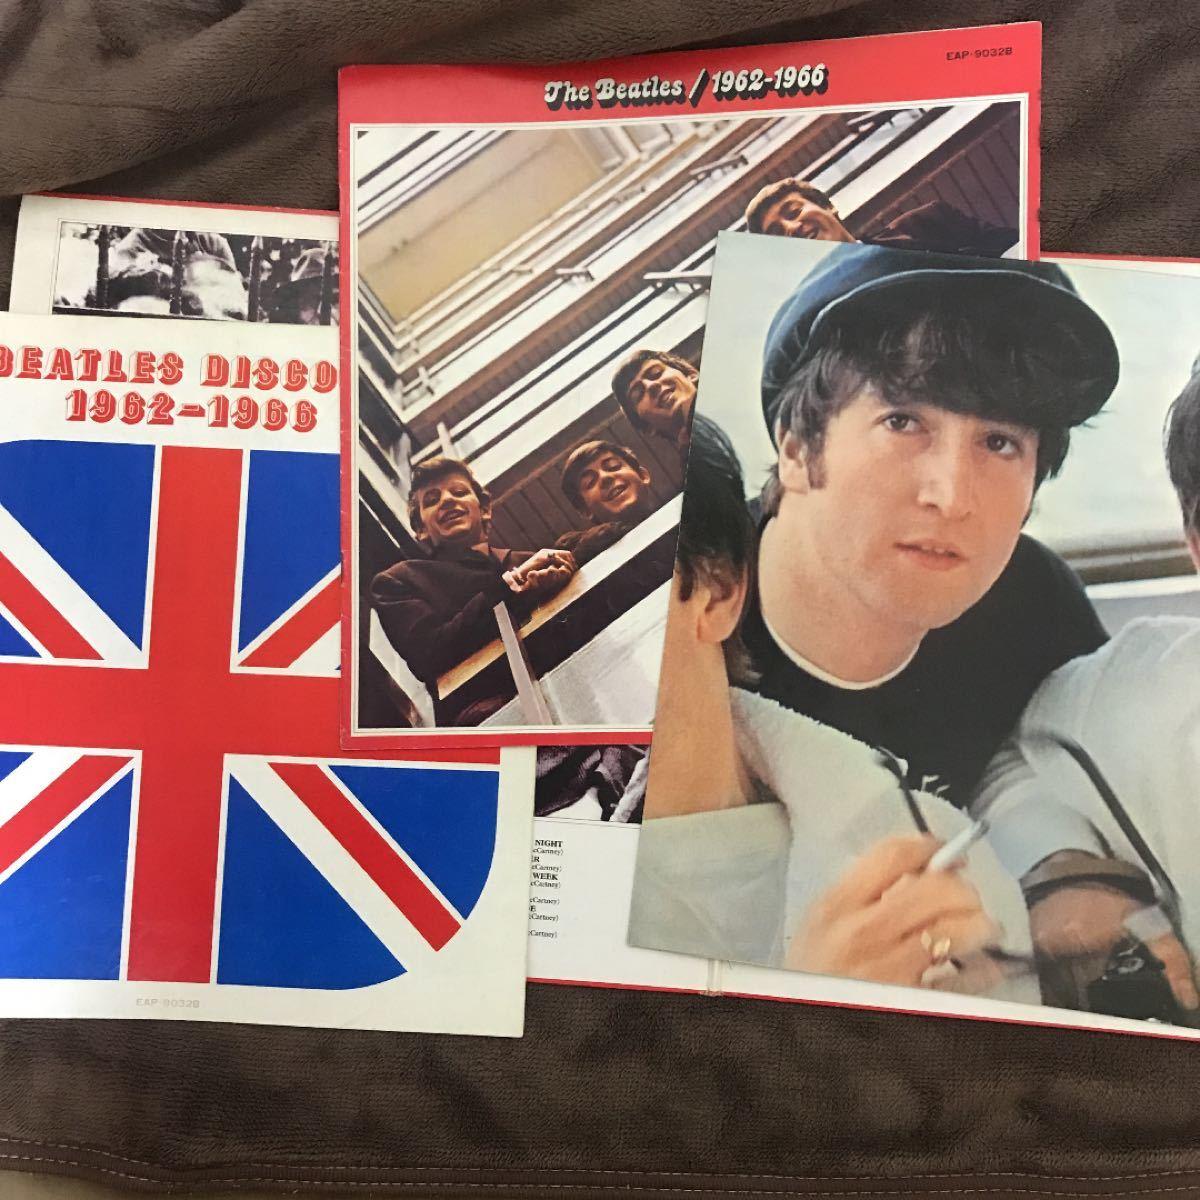 ビートルズ 1962年 1966年 2枚組  THE BEATLES